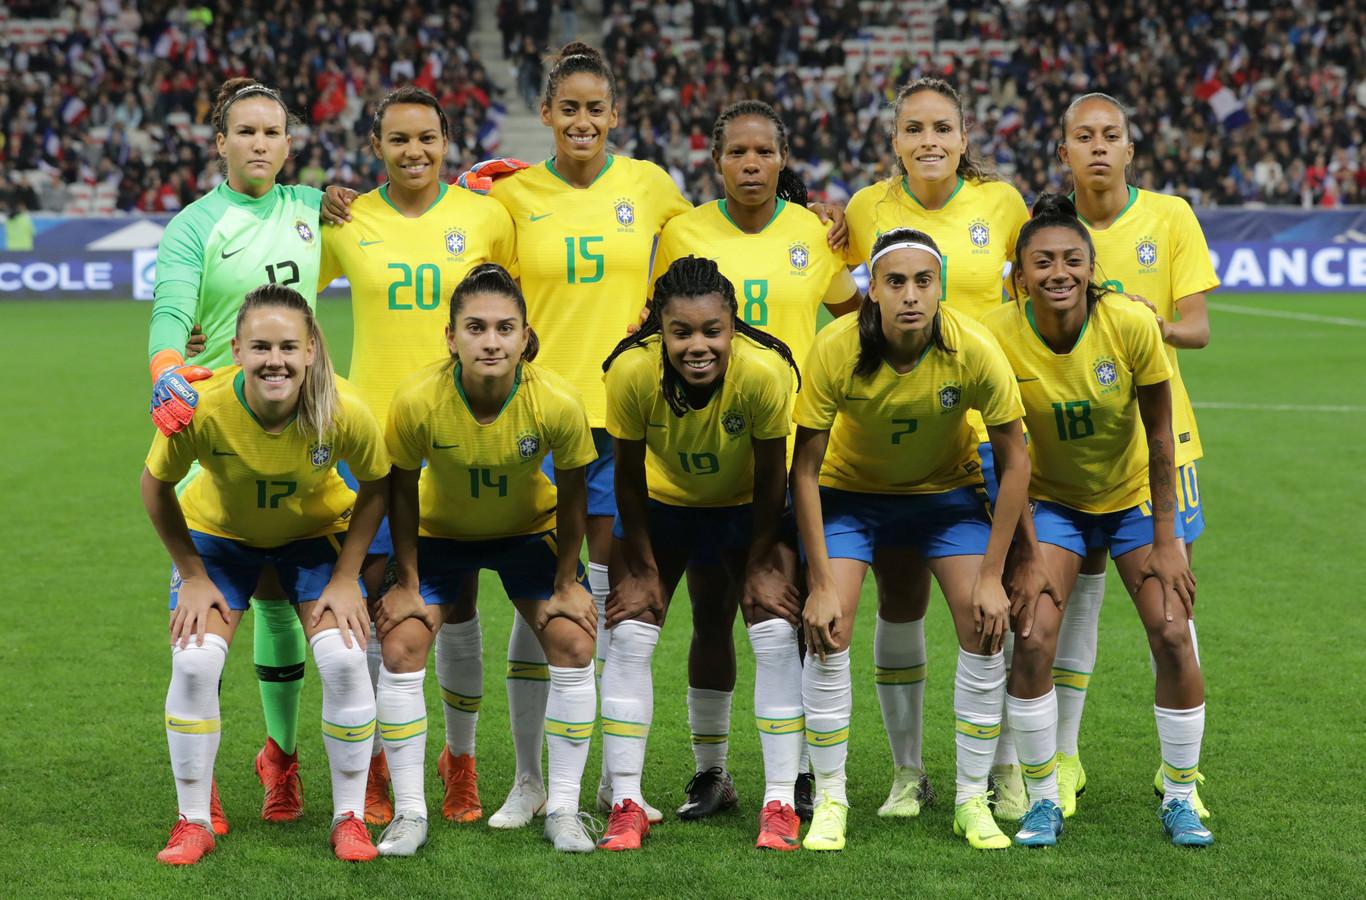 De voetbalsters van Brazilië.